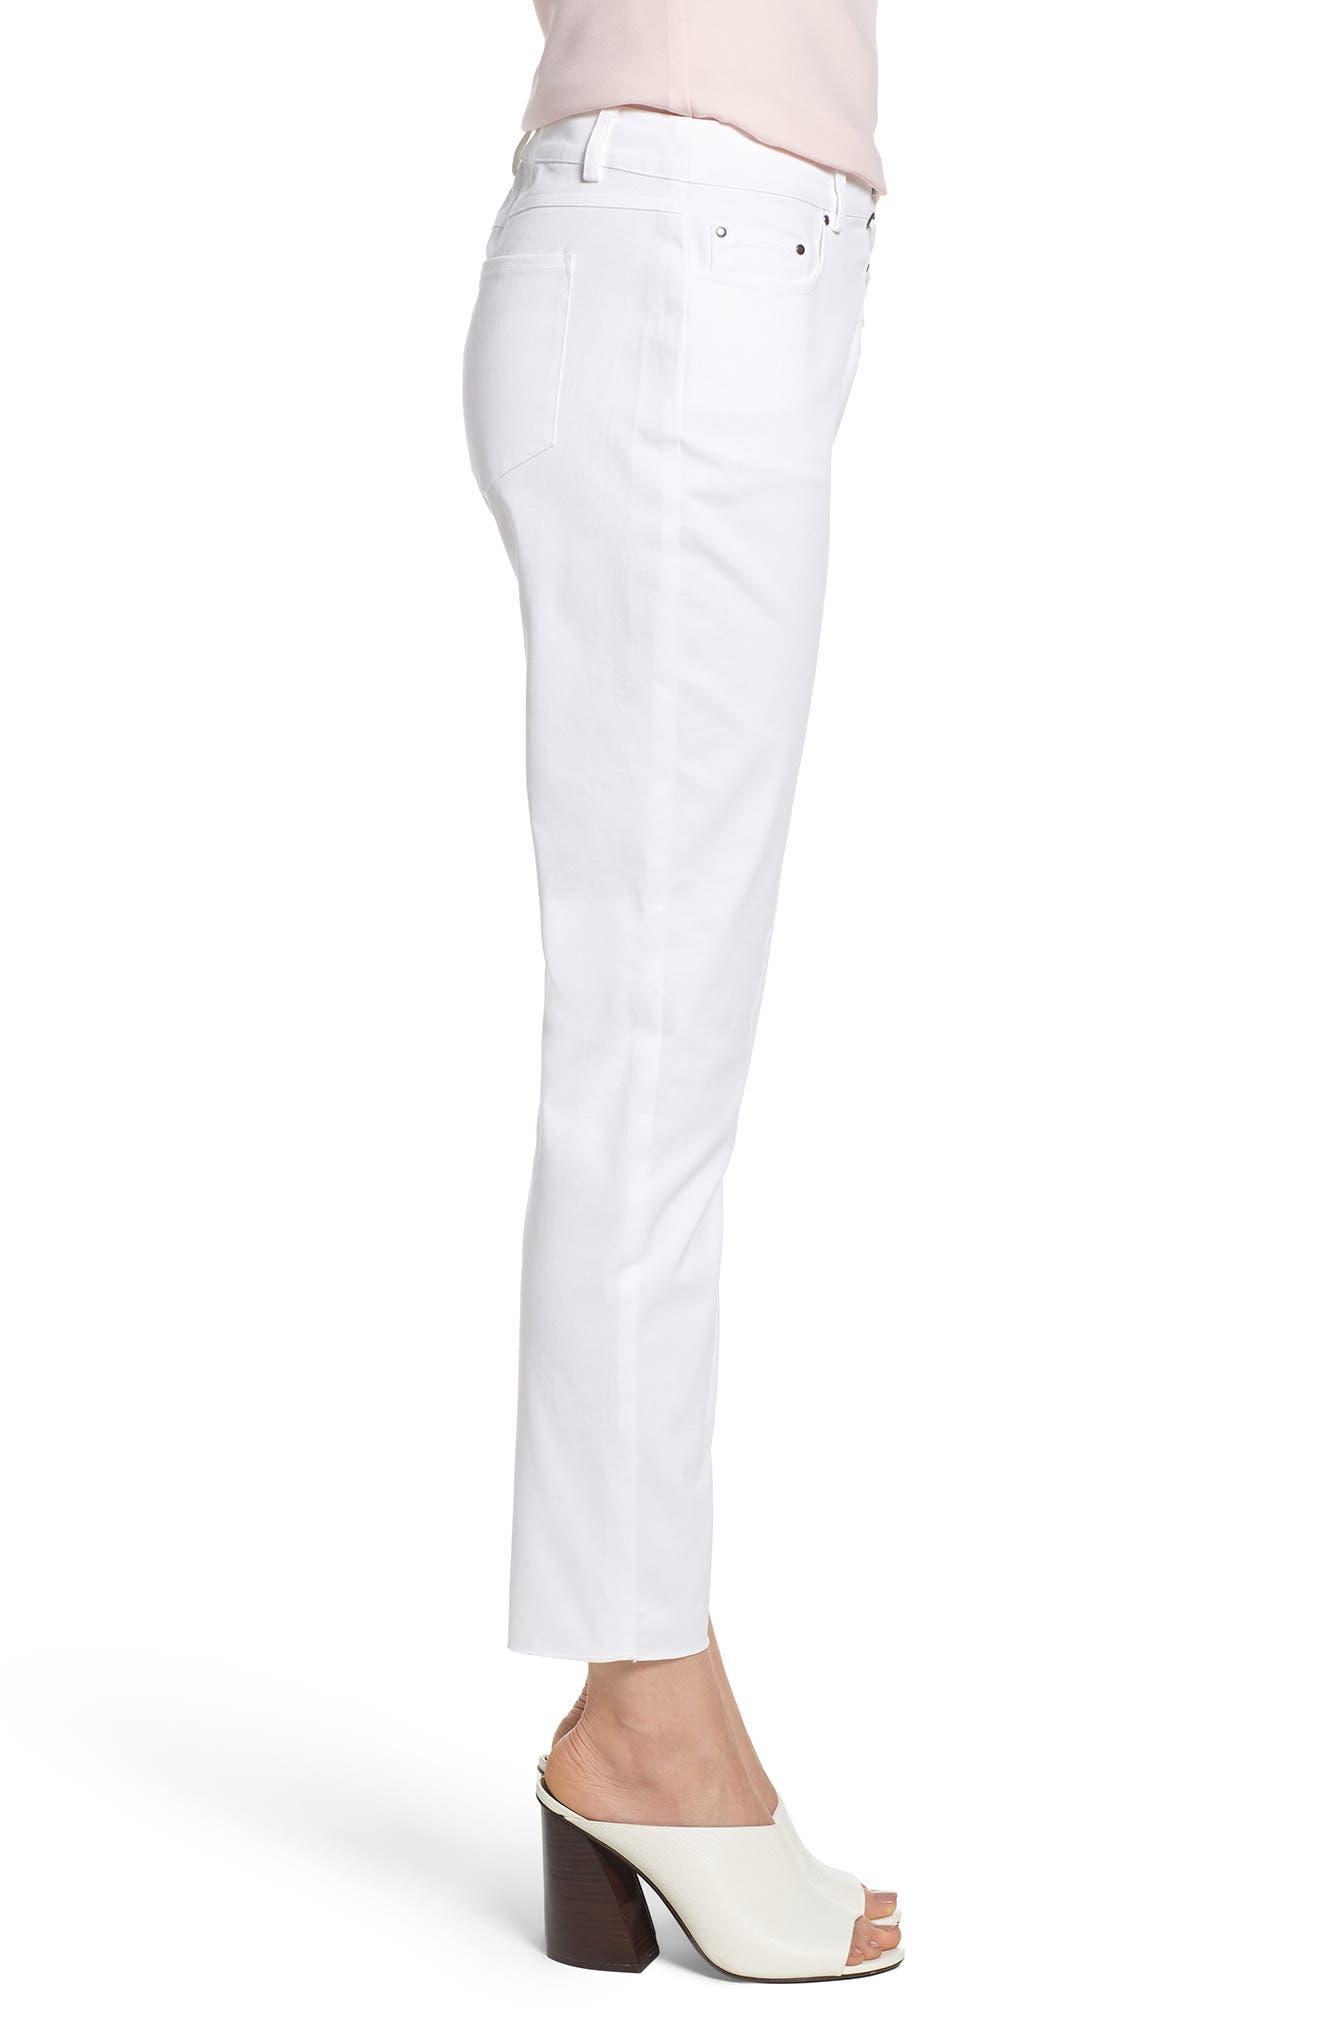 Jalanda Pants,                             Alternate thumbnail 3, color,                             White